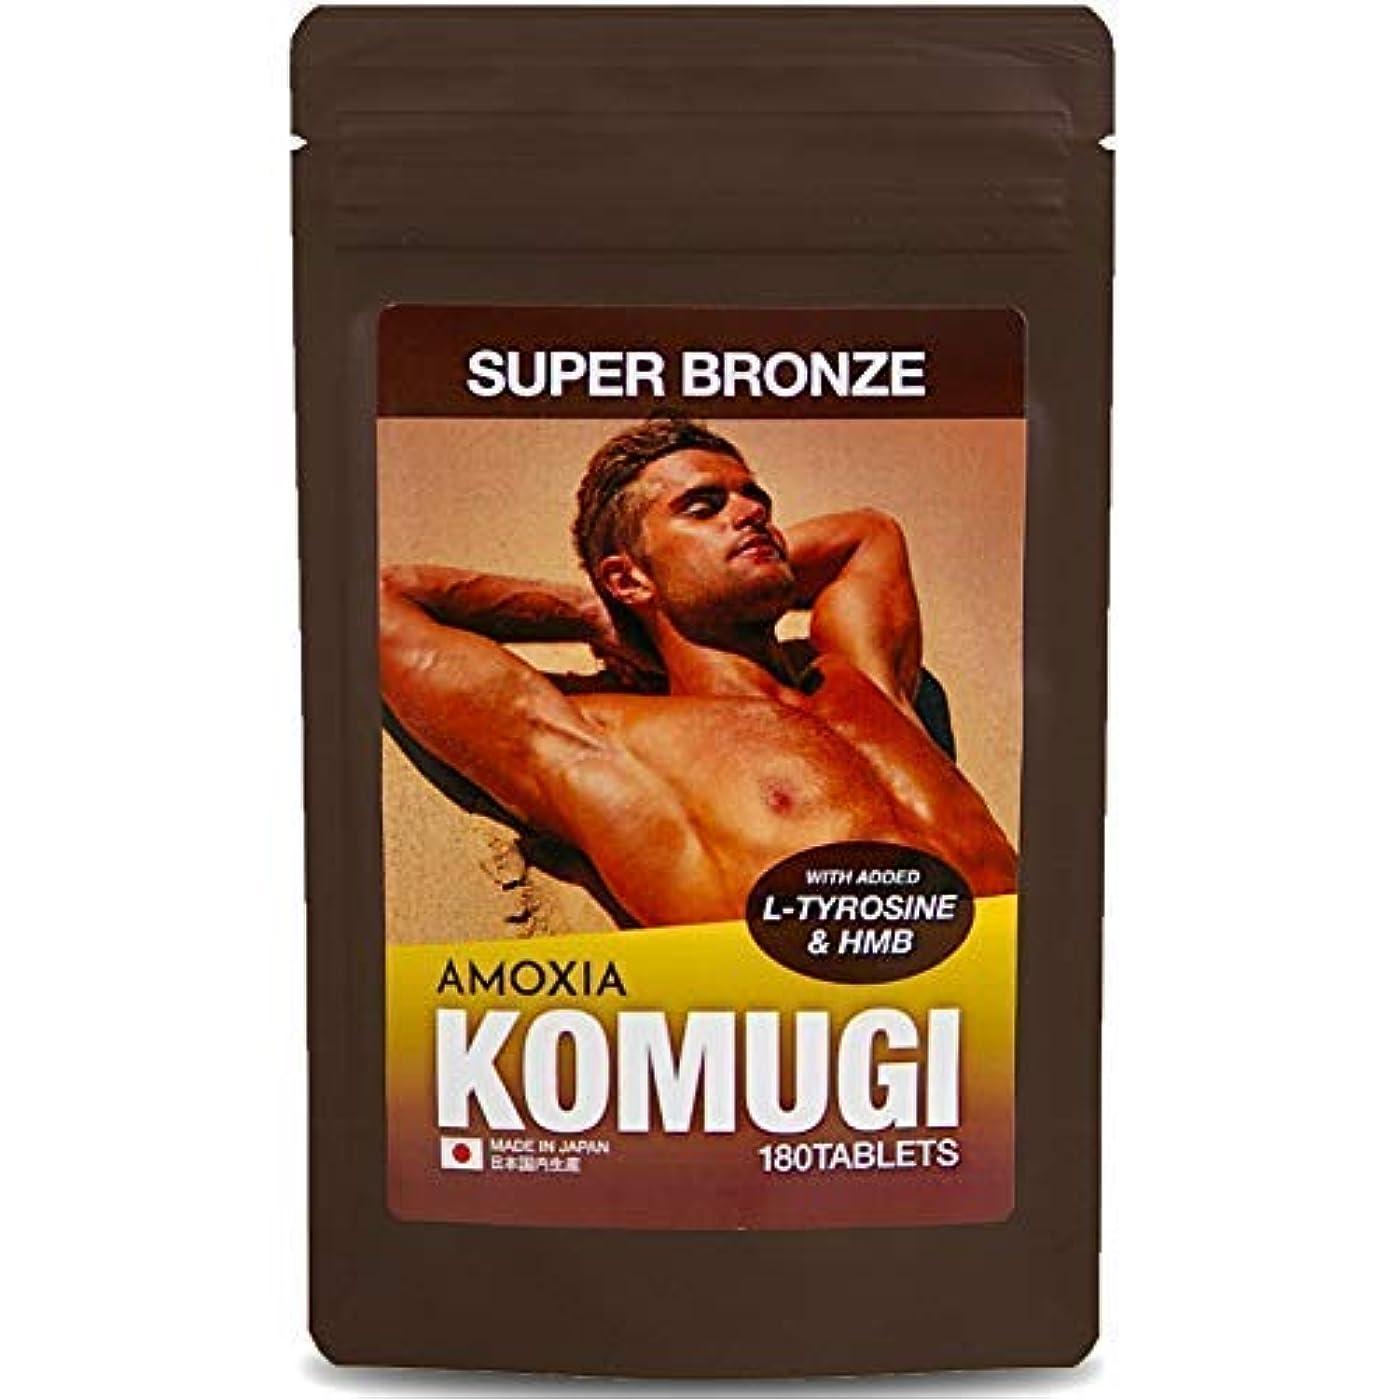 スリチンモイ積極的に知覚できるKOMUGI 日焼けと筋肉増強で新発想の飲むタンニング タンニングサプリメント 安心の国産 HMB配合 国産シェア100%